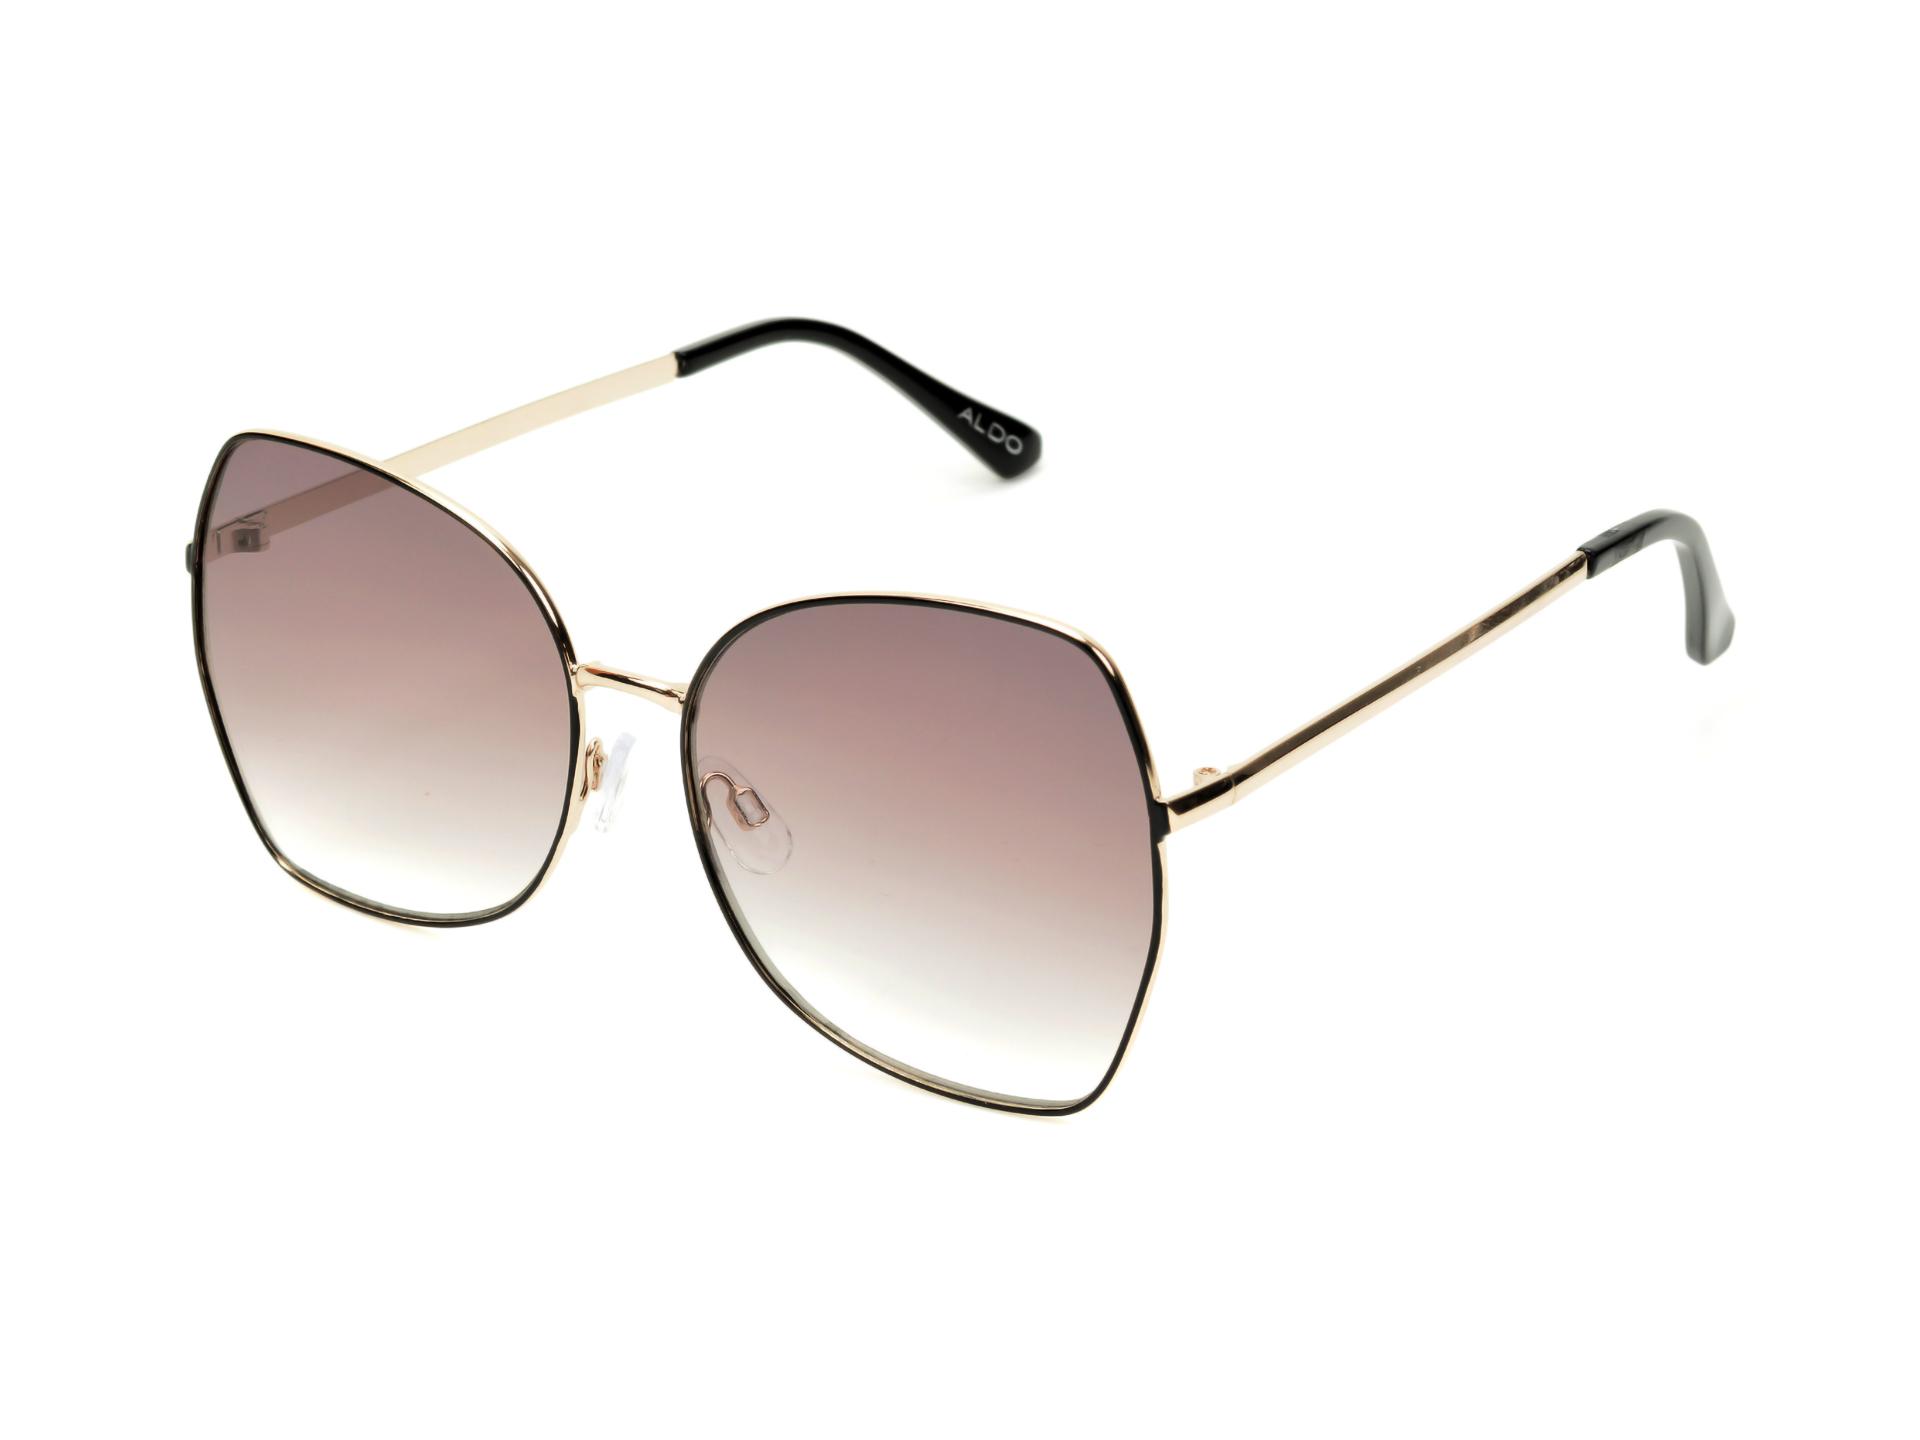 Ochelari de soare ALDO negri, Inornata970, din PVC imagine otter.ro